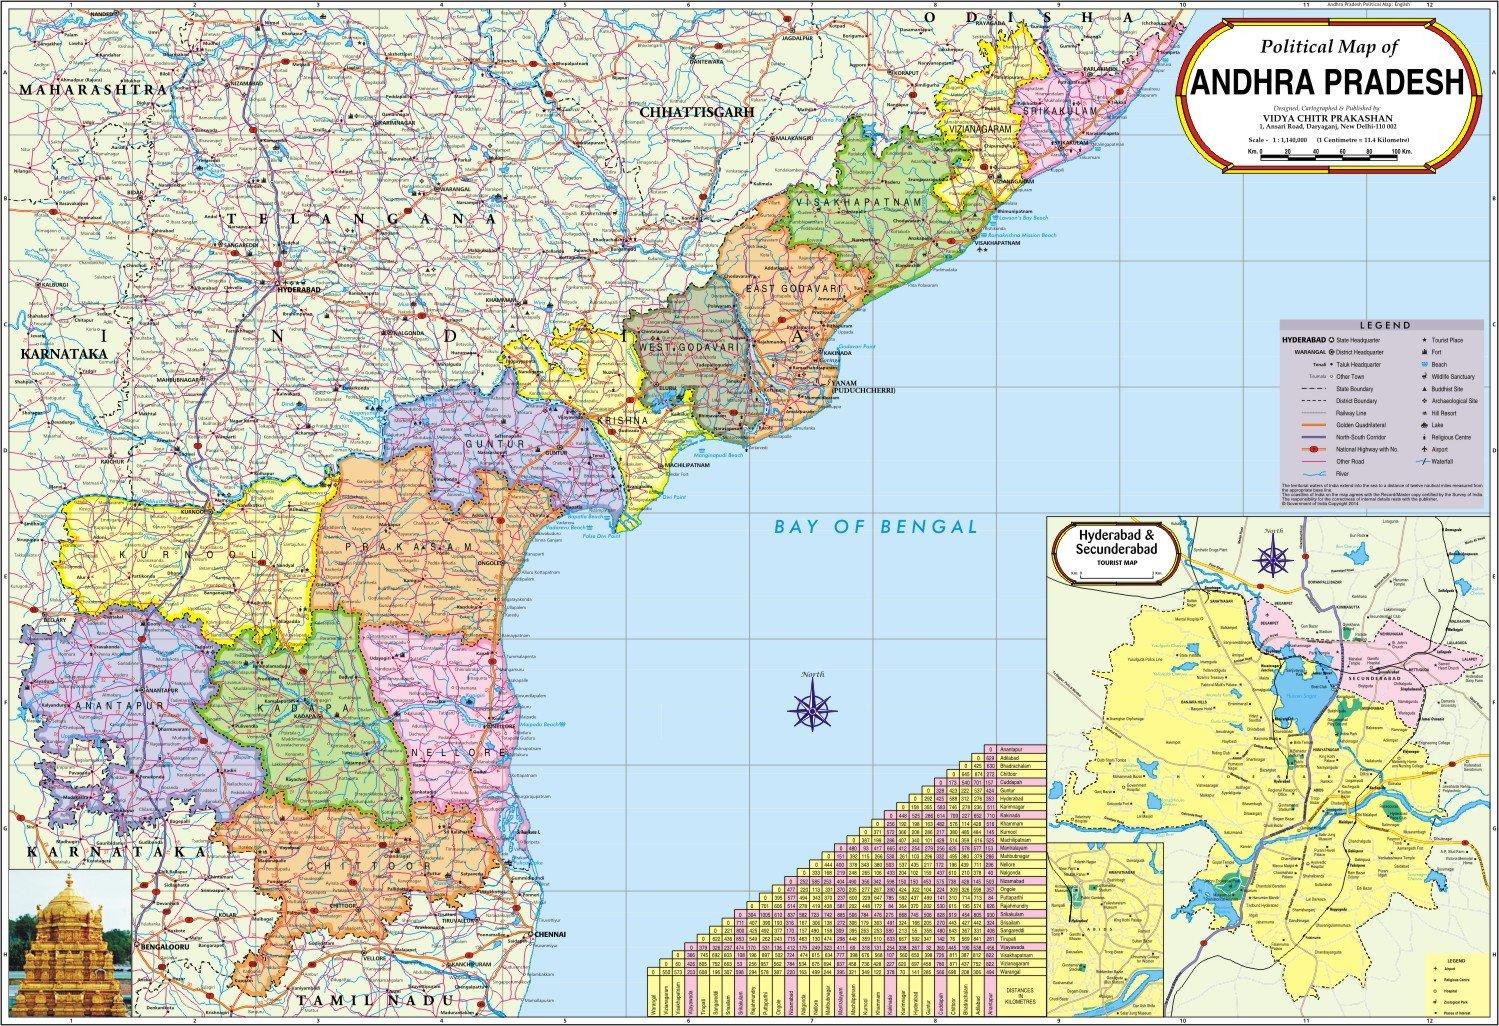 Buy Andhra Pradesh Map Book Online at Low Prices in India | Andhra ...